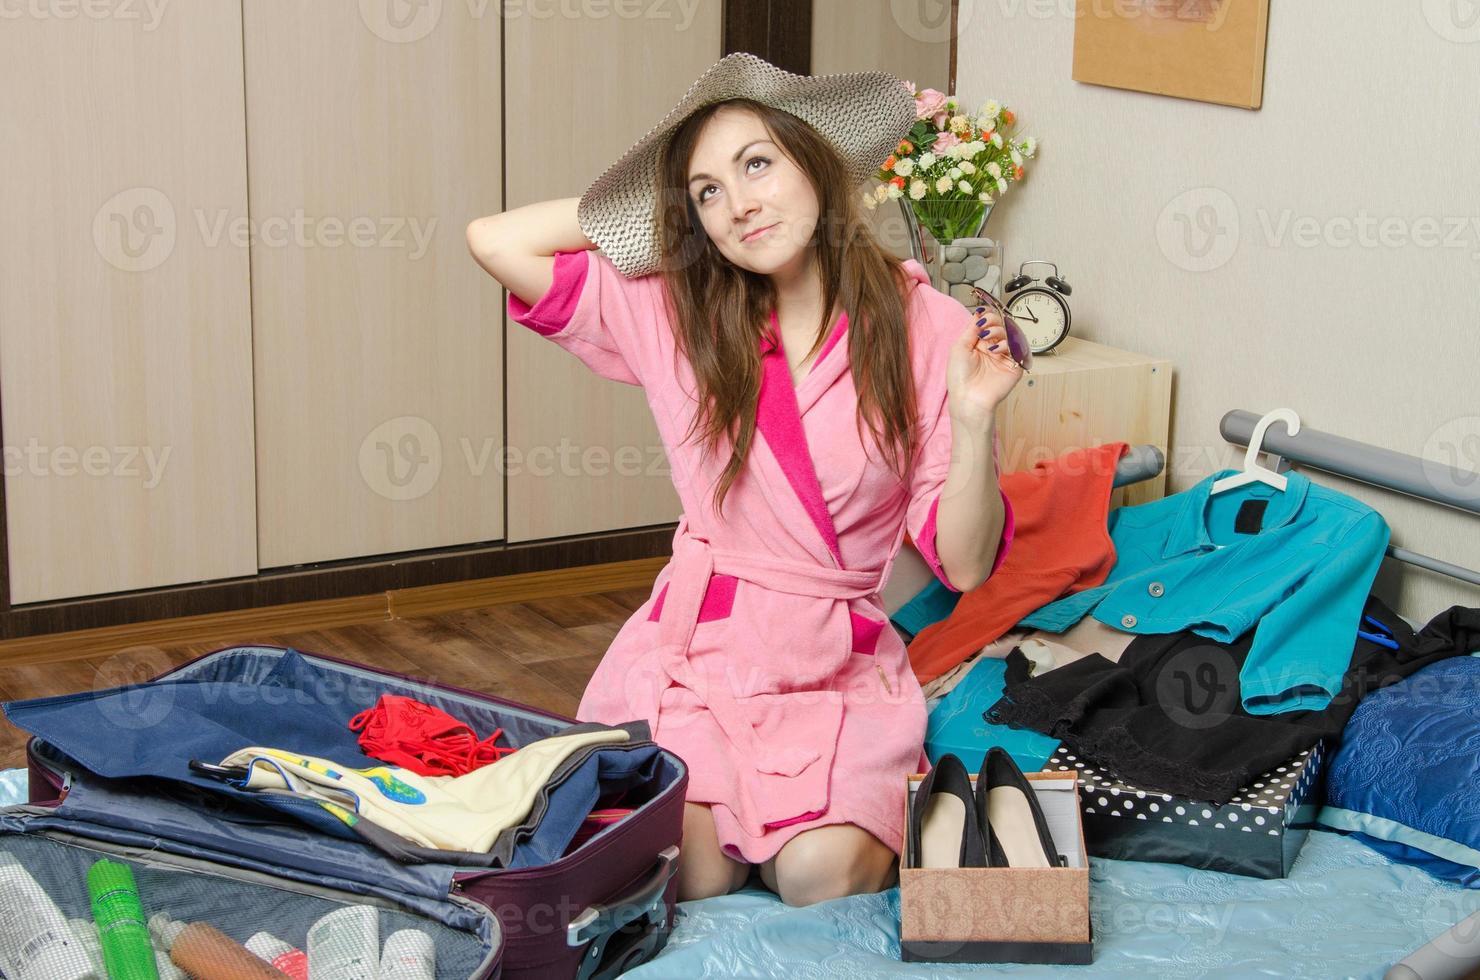 fille rêvant de vacances emballer les valises photo